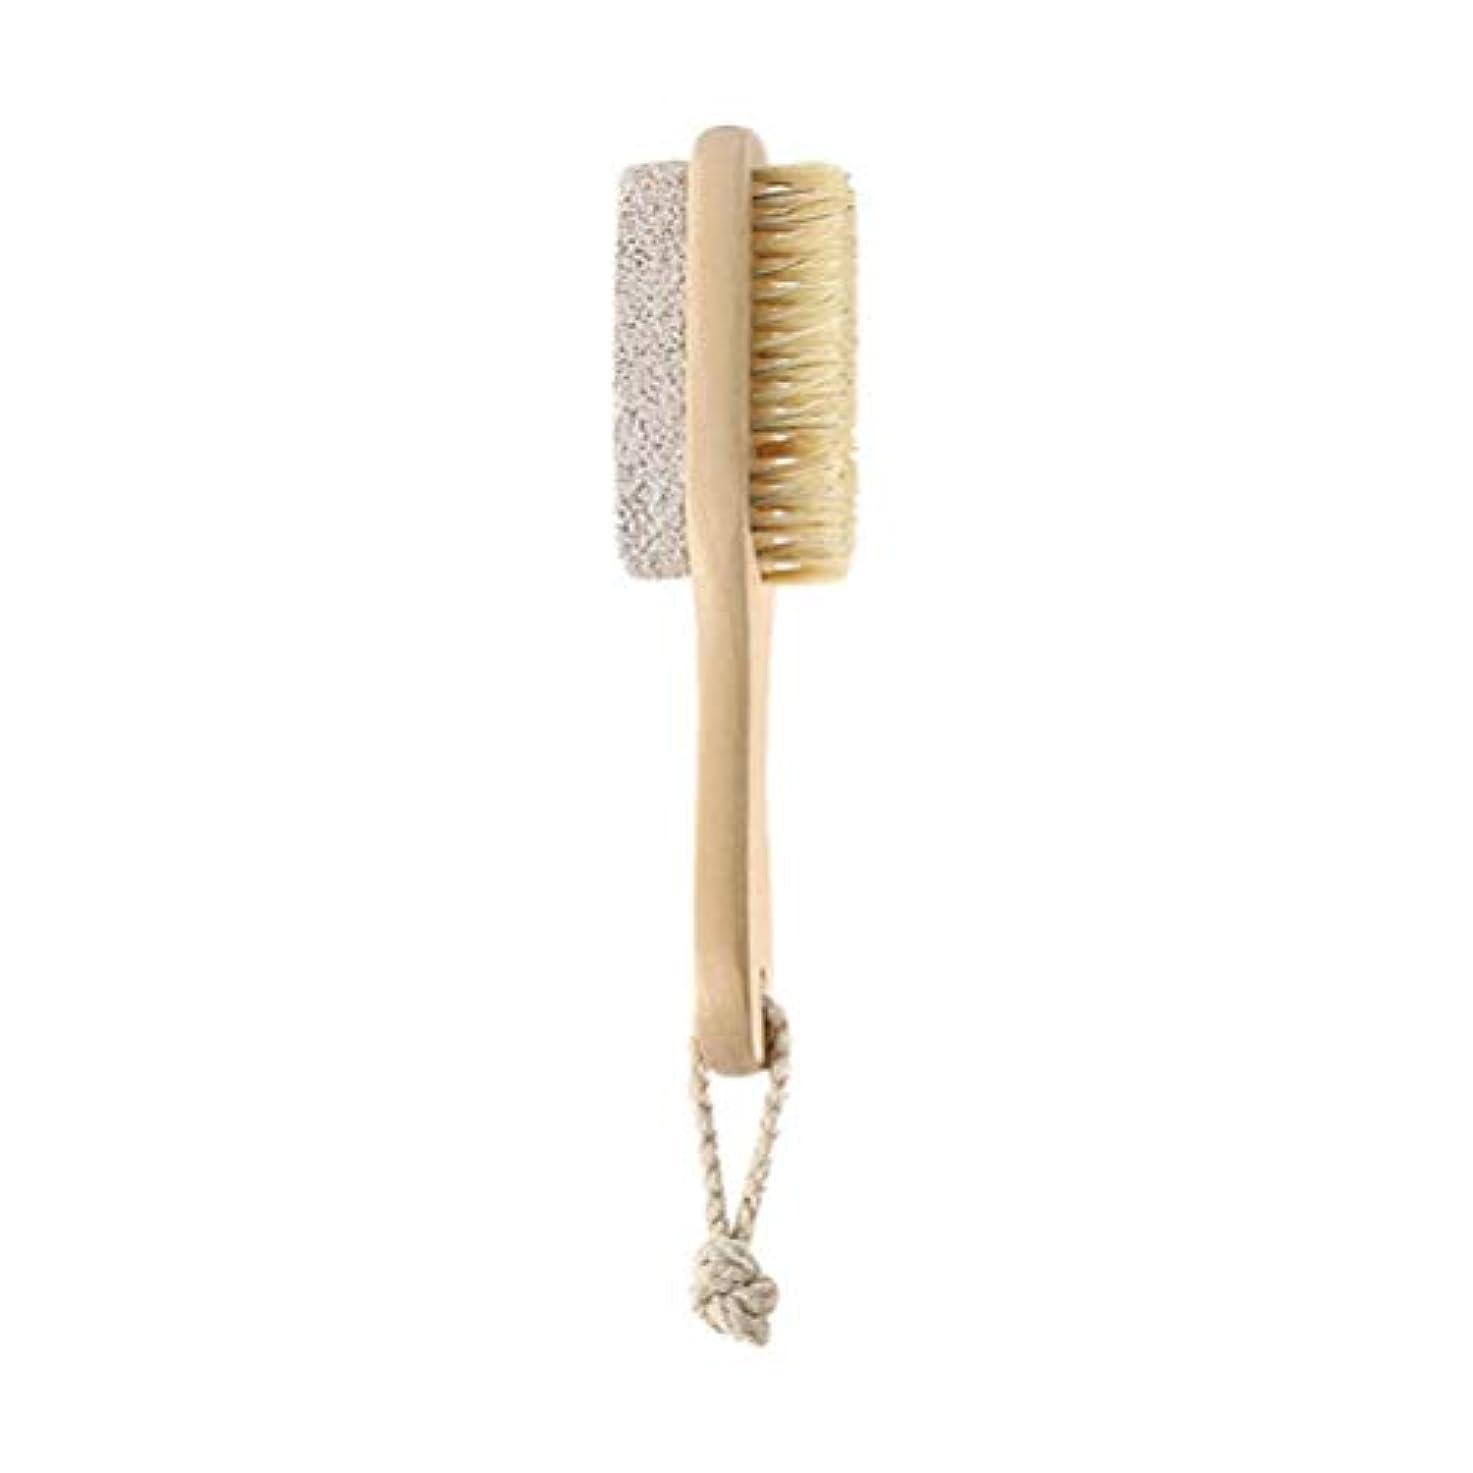 ストリップさておき挽くHEALIFTY 自然な毛の足のやすりやすりのブラシの軽石の石のカルスの除去剤木製のハンドルが付いている死んだ皮の除去剤